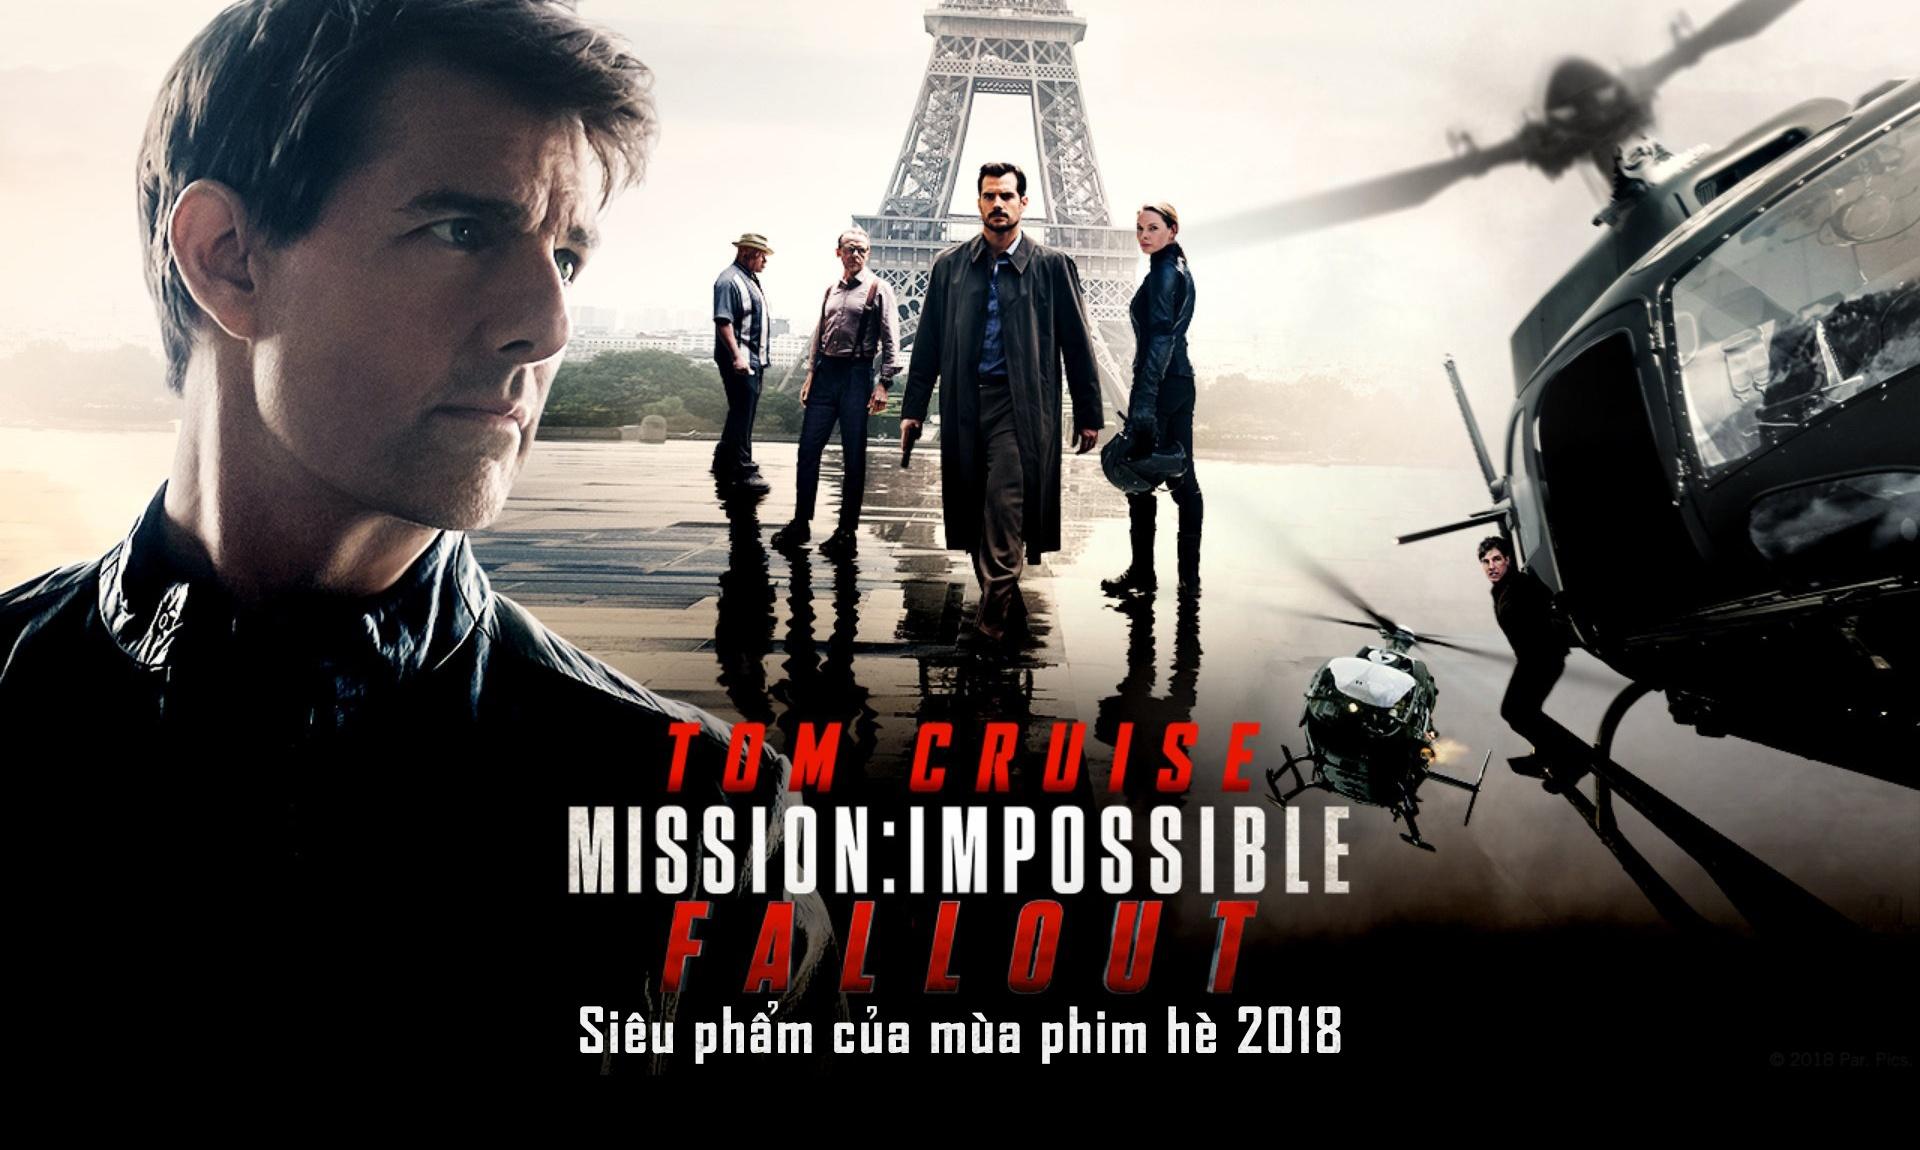 'Nhiem vu bat kha thi - Sup do': Sieu pham cua mua phim he 2018 hinh anh 2